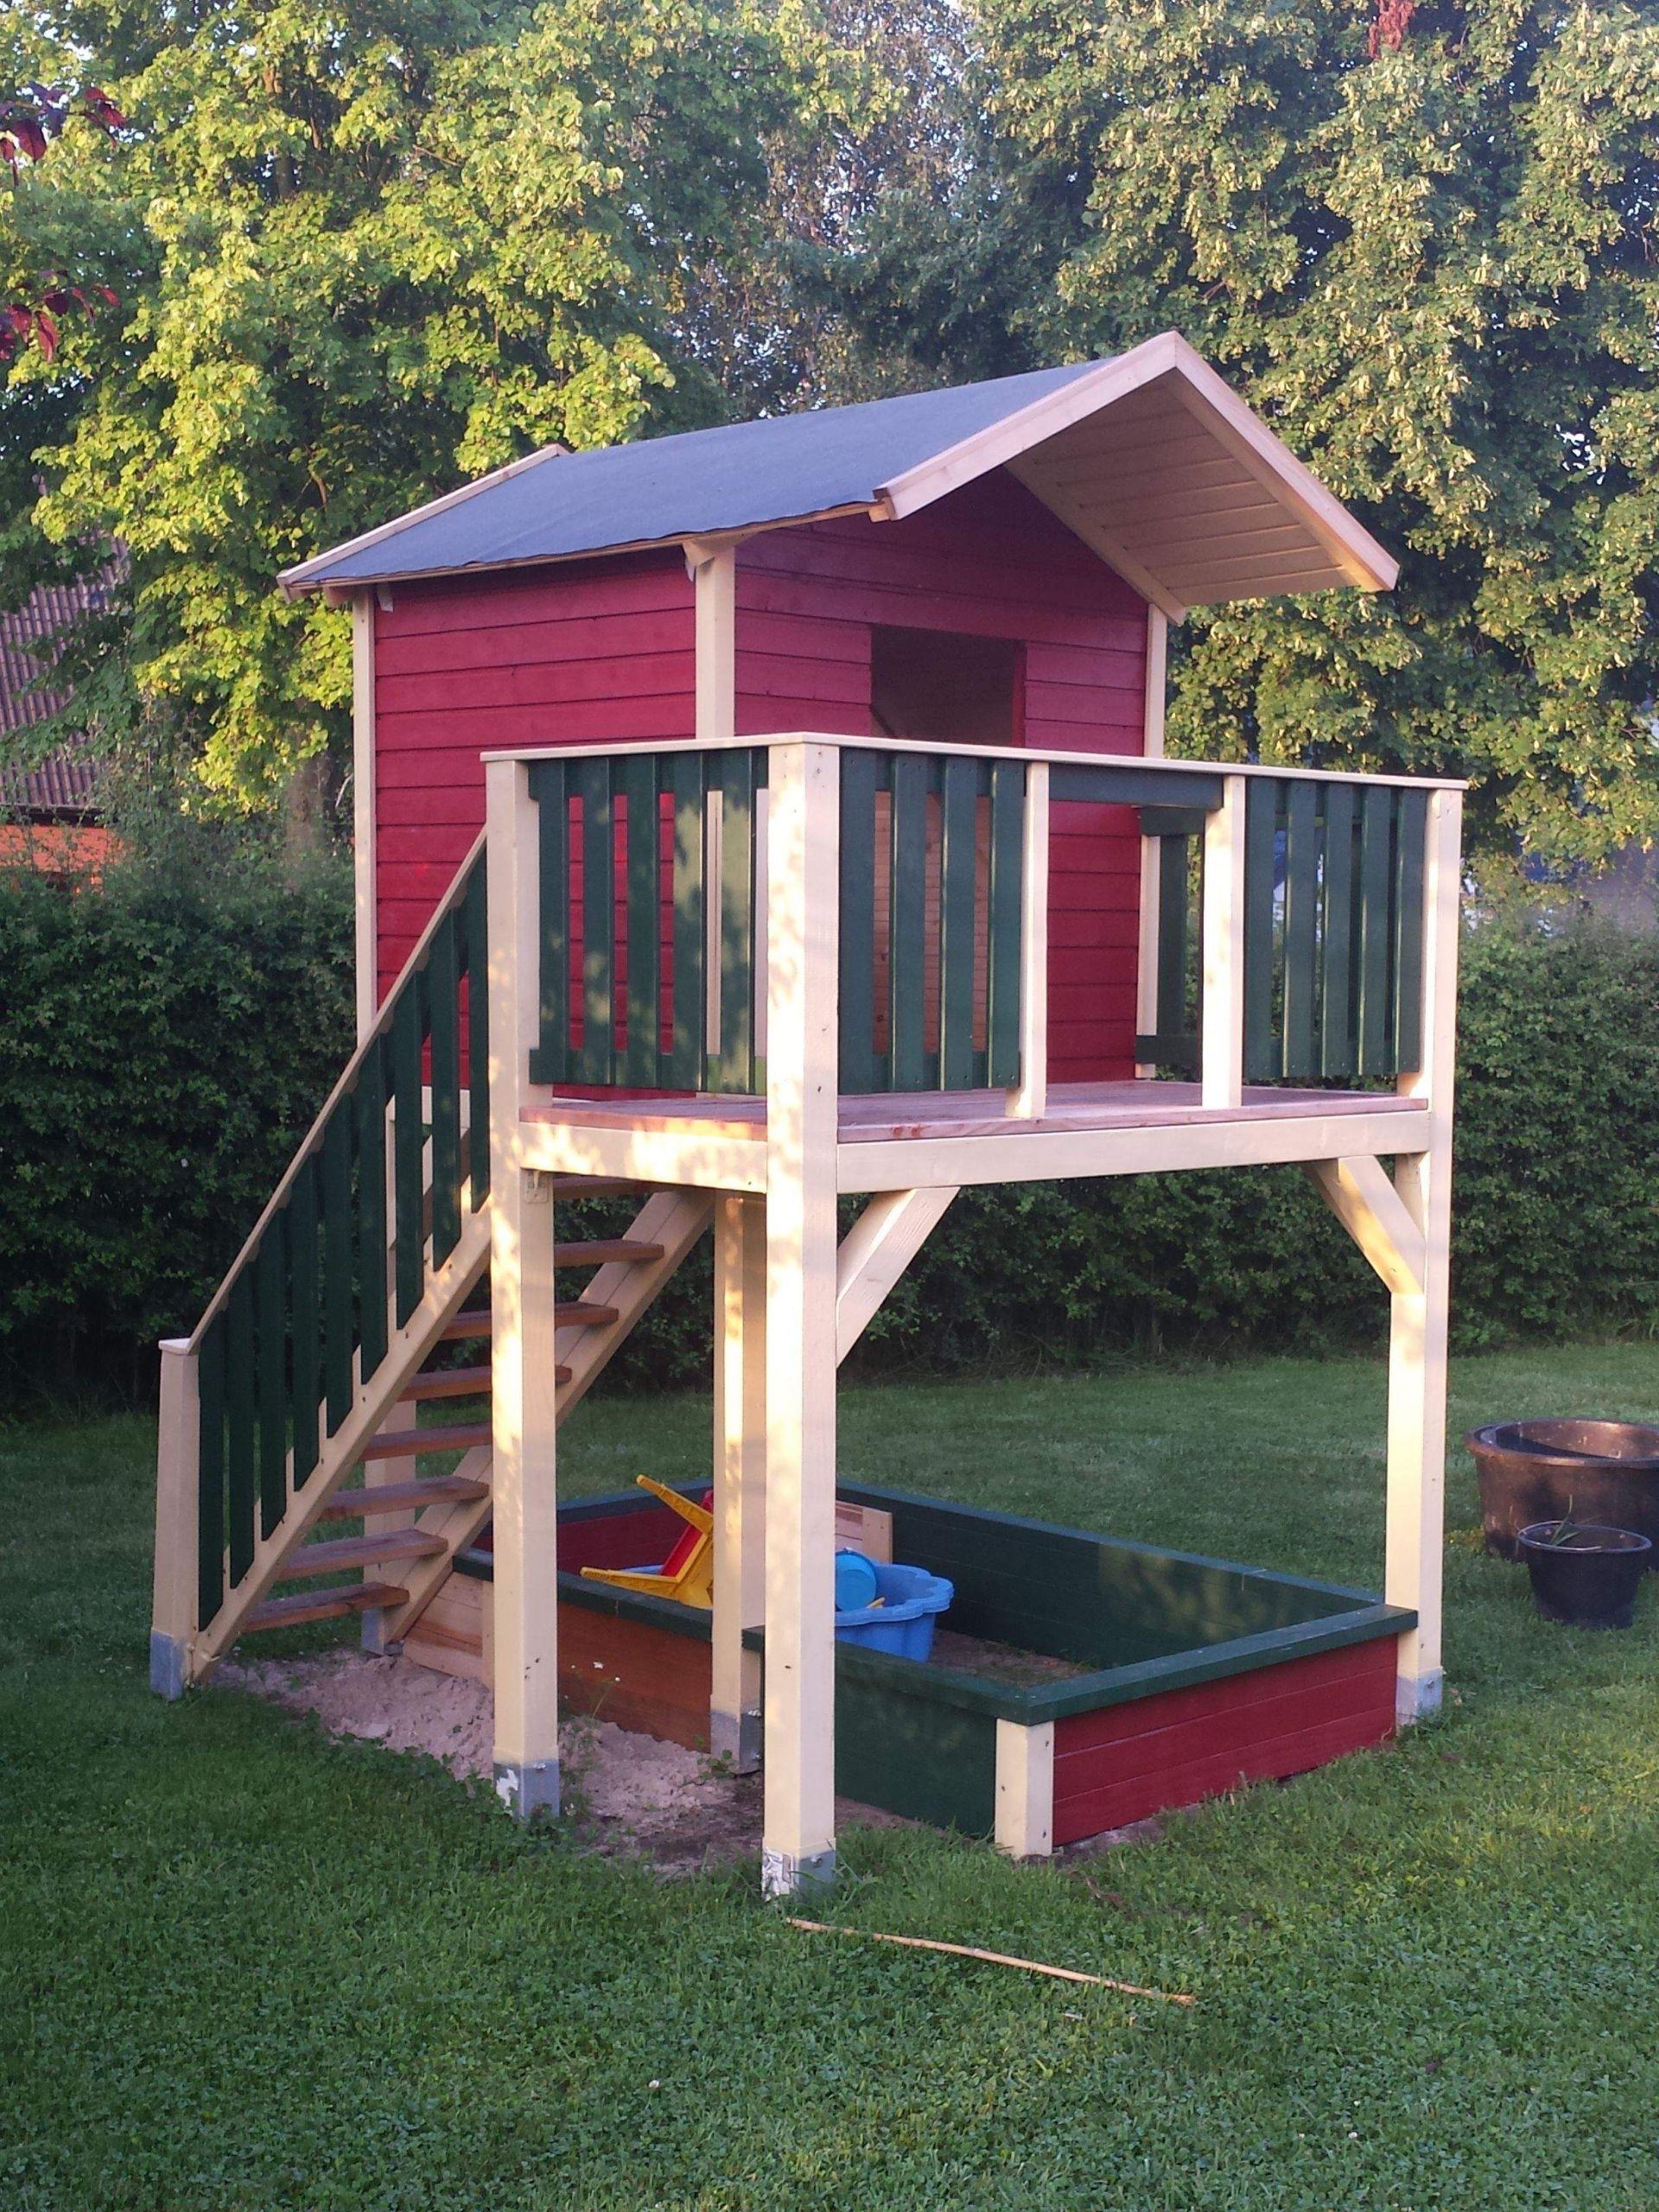 Holz Spielhaus Garten Elegant Spielturm Mit Treppe Bauanleitung Zum Selber Bauen